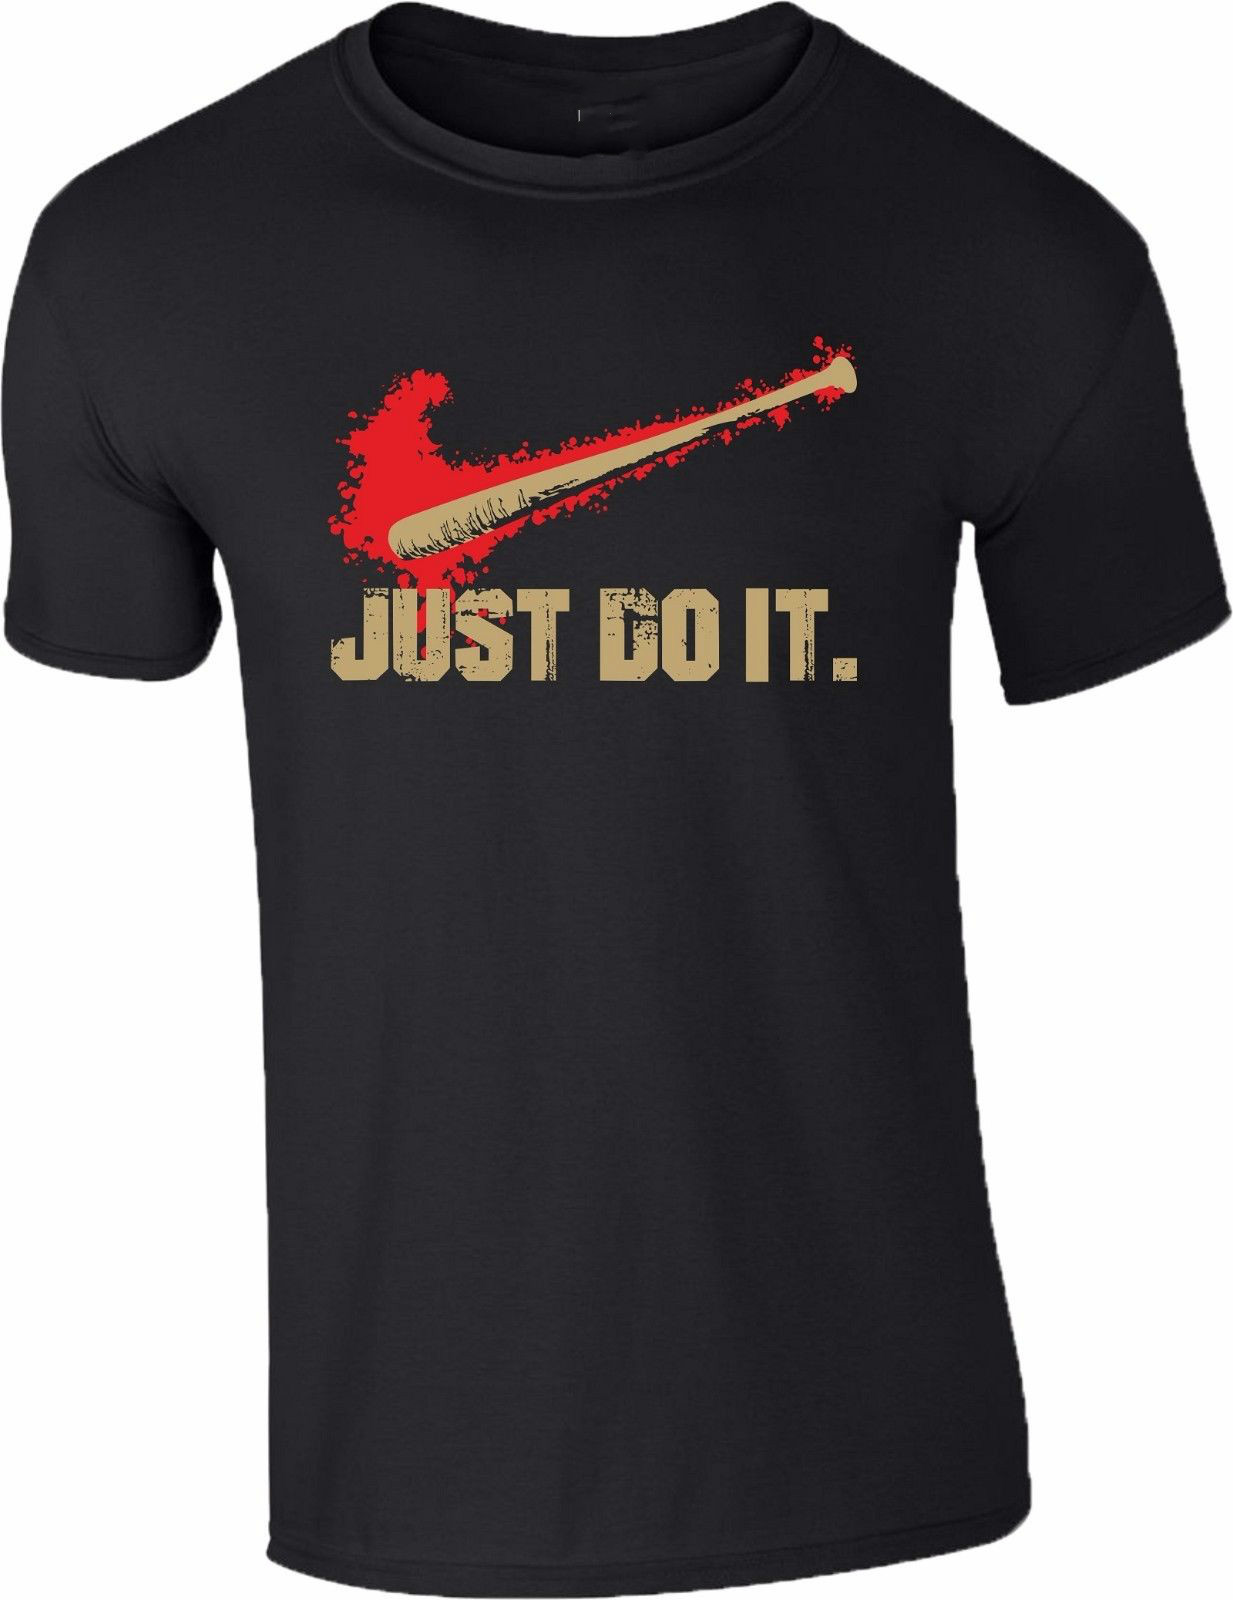 Gildan Walking Dead серии футболка Бейсбол bat Just Do It Мужская дамы подарков Топ